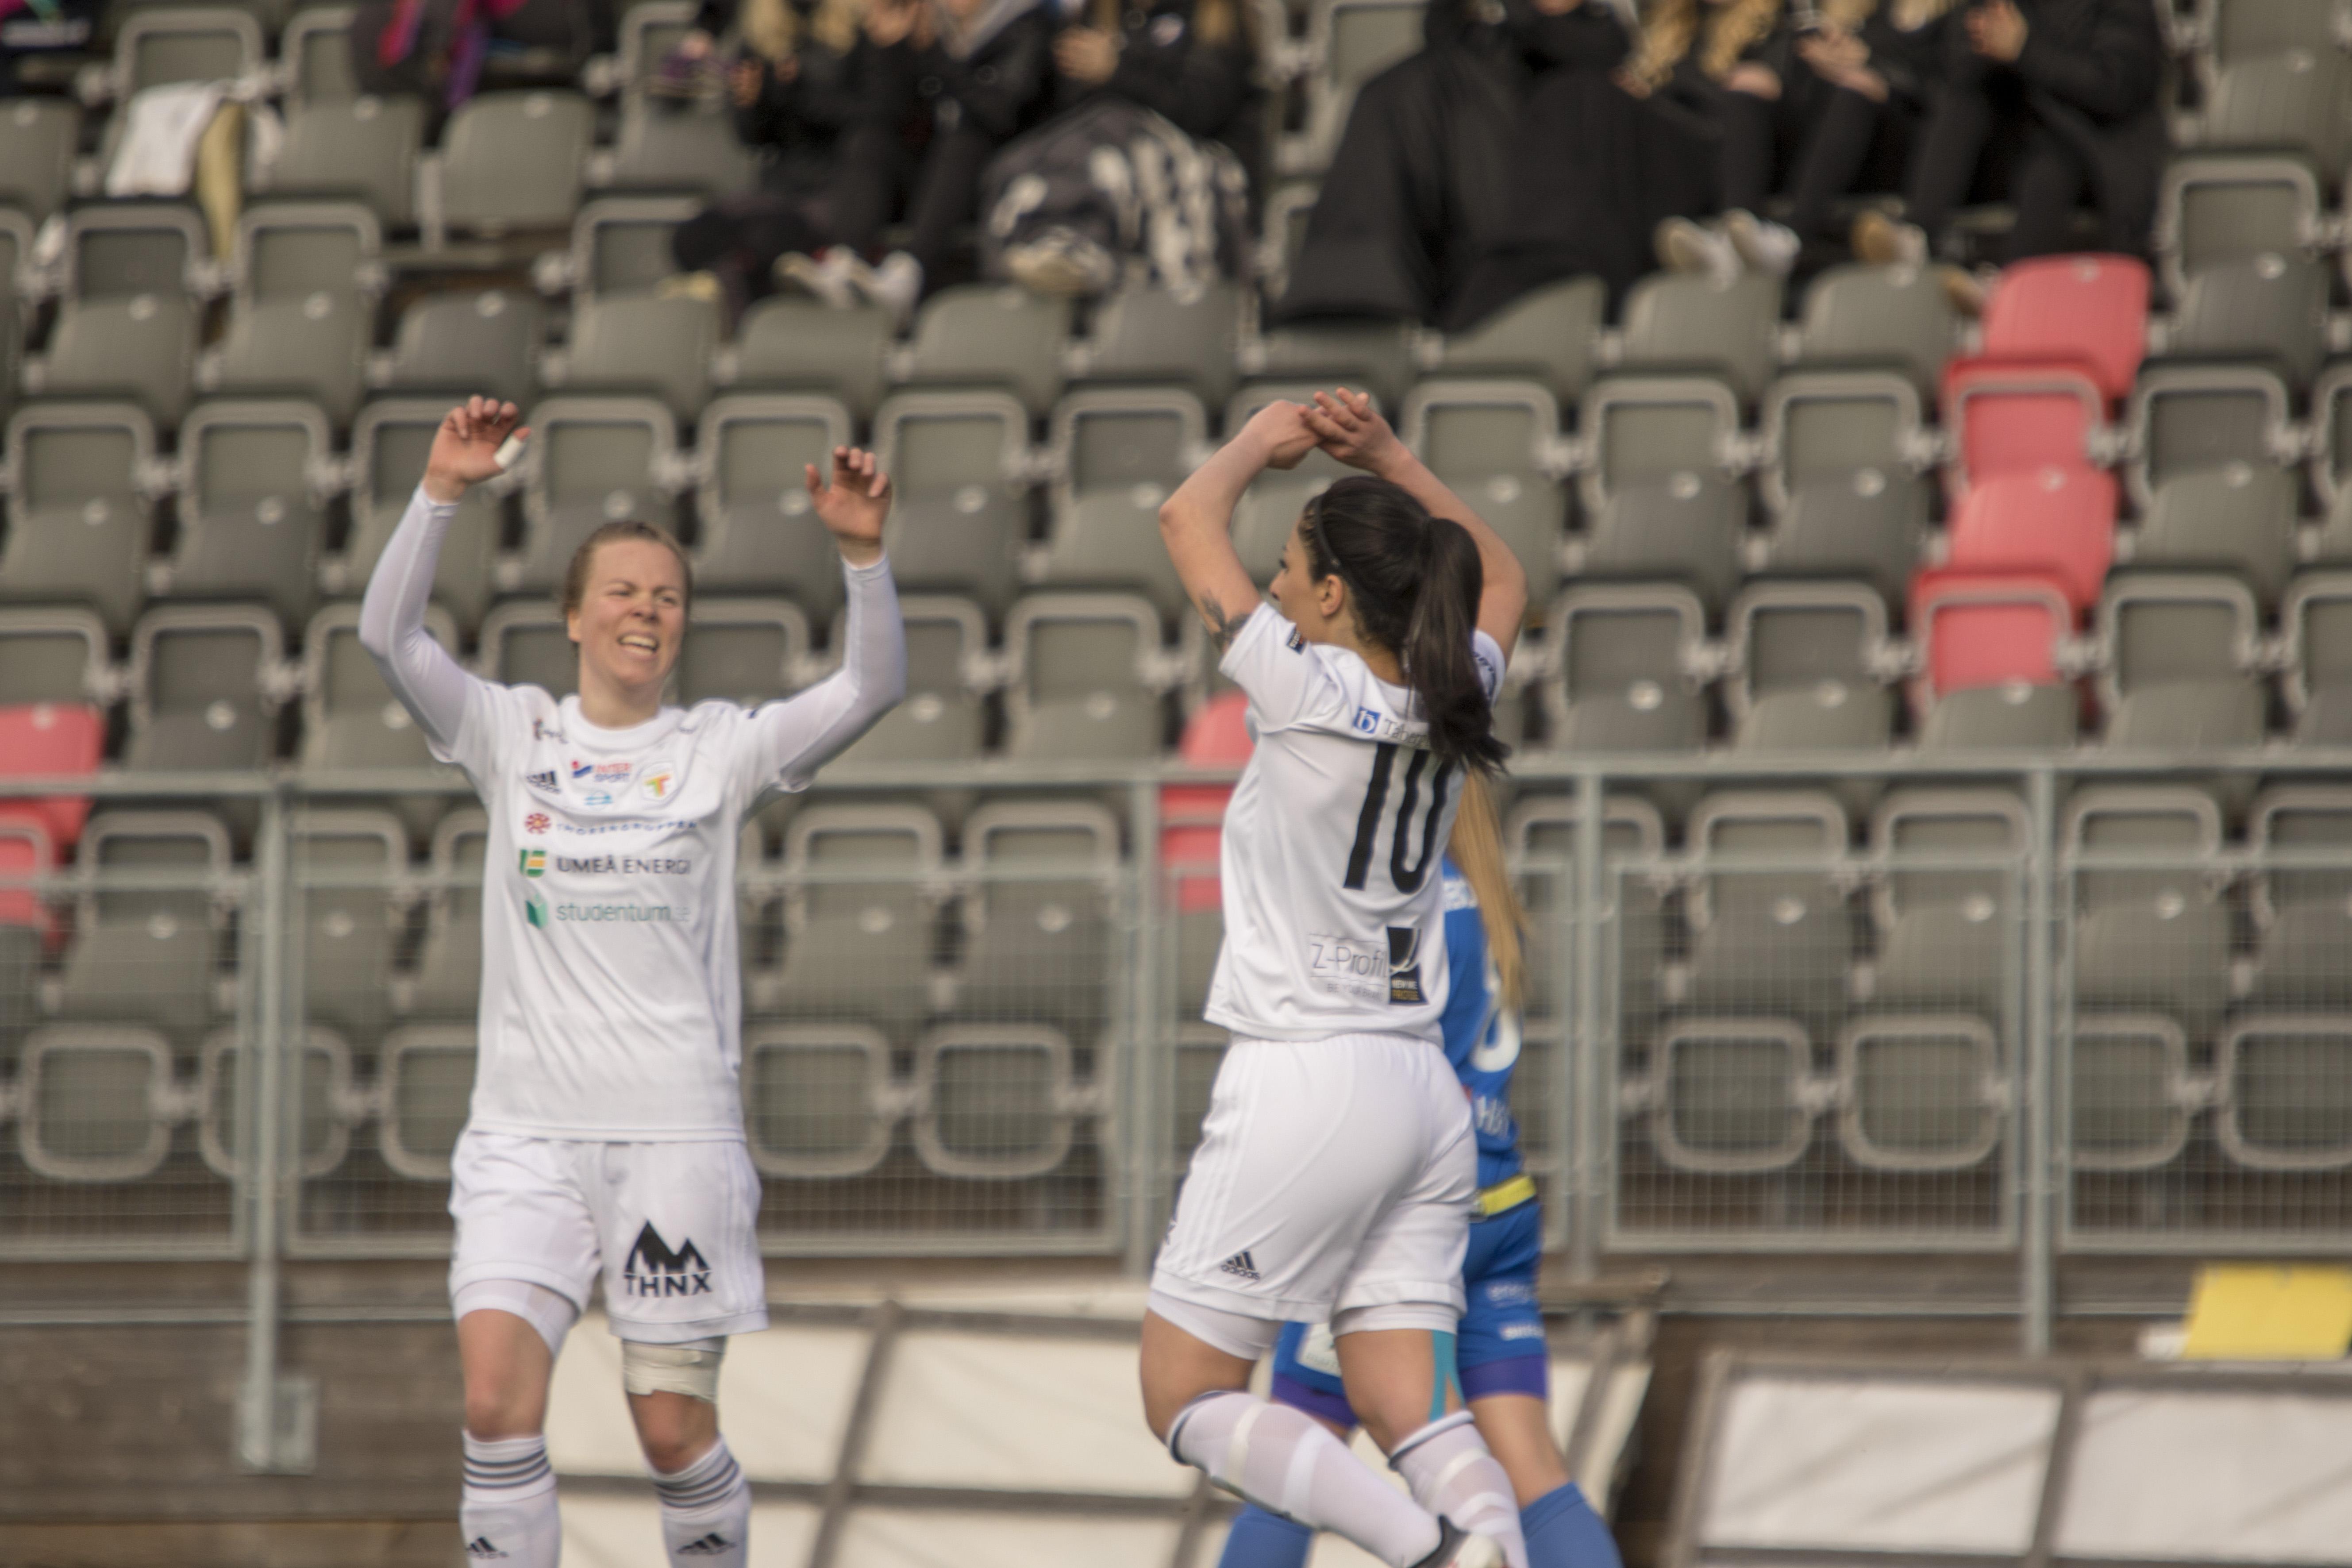 UMEå, SVERIGE - 28 APRIL 2018 : Div.1 Damer mellan Team TG FF och Sunnanå SK på Umeå Energi Arena den 28 Mars i Umeå (Foto:Michael Lundström / Micke´s Sportfoto)